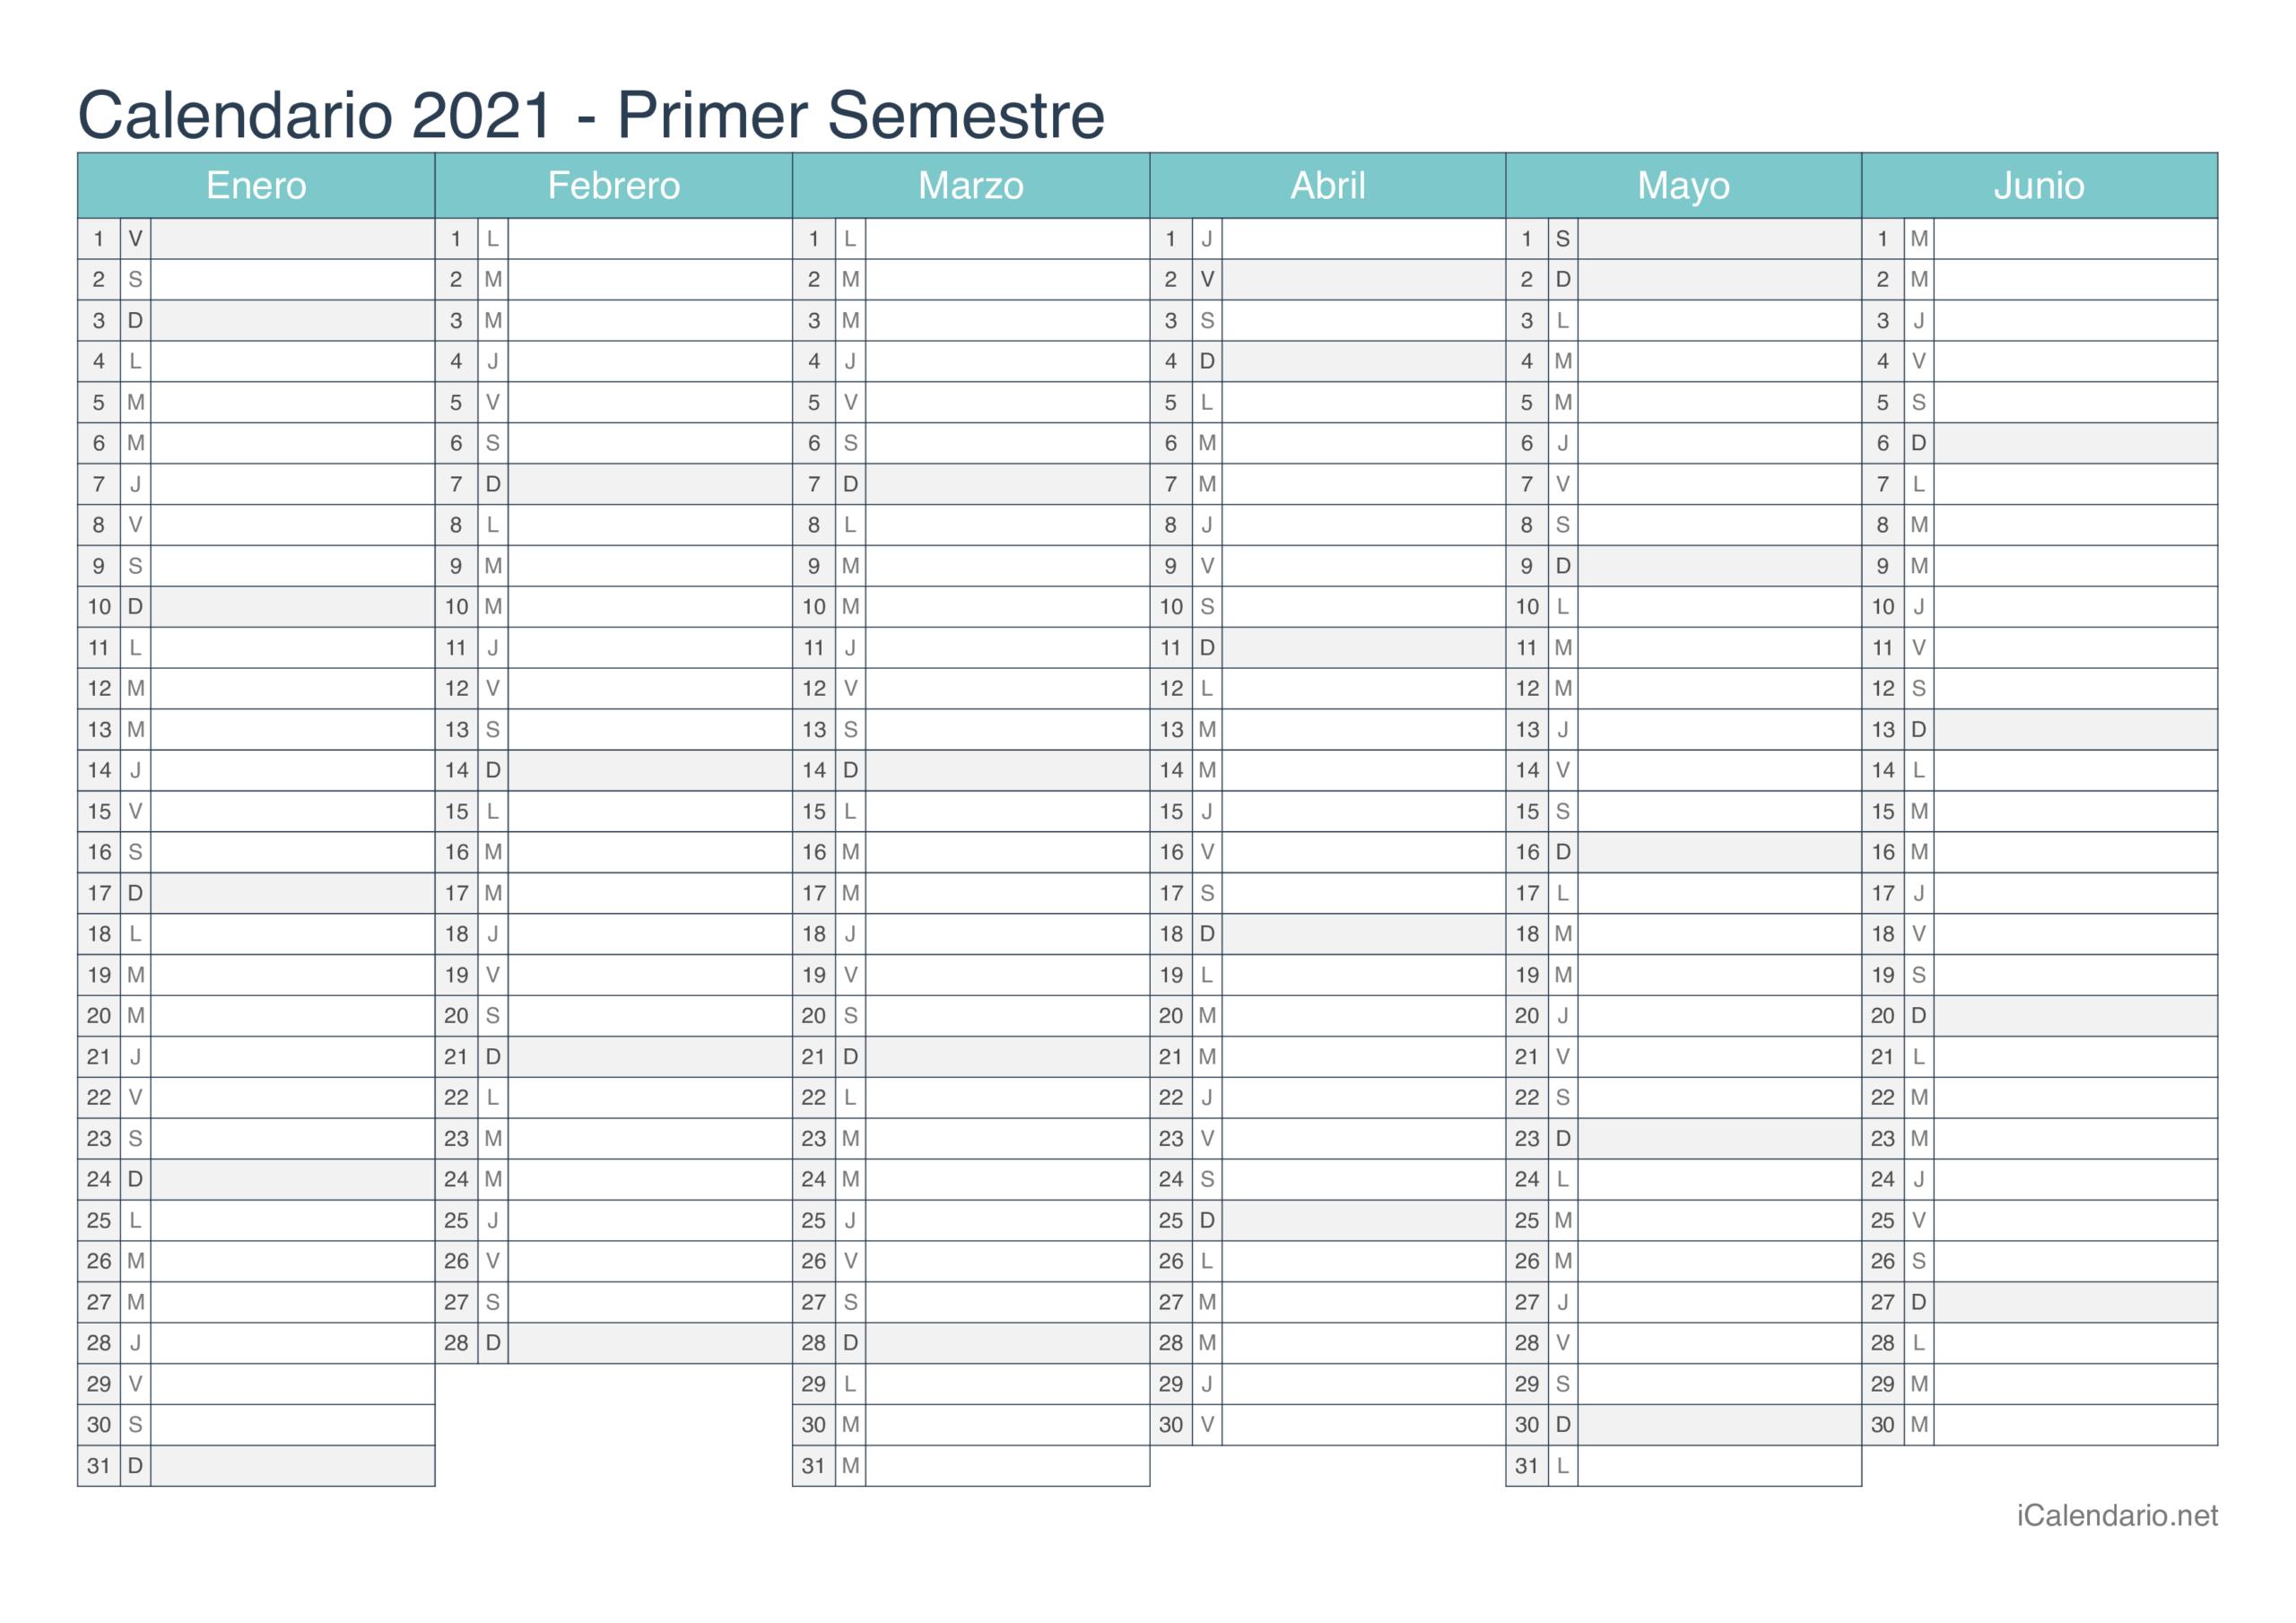 Calendario 2021 Para Imprimir - Icalendario with regard to Calendario Vertex 2021